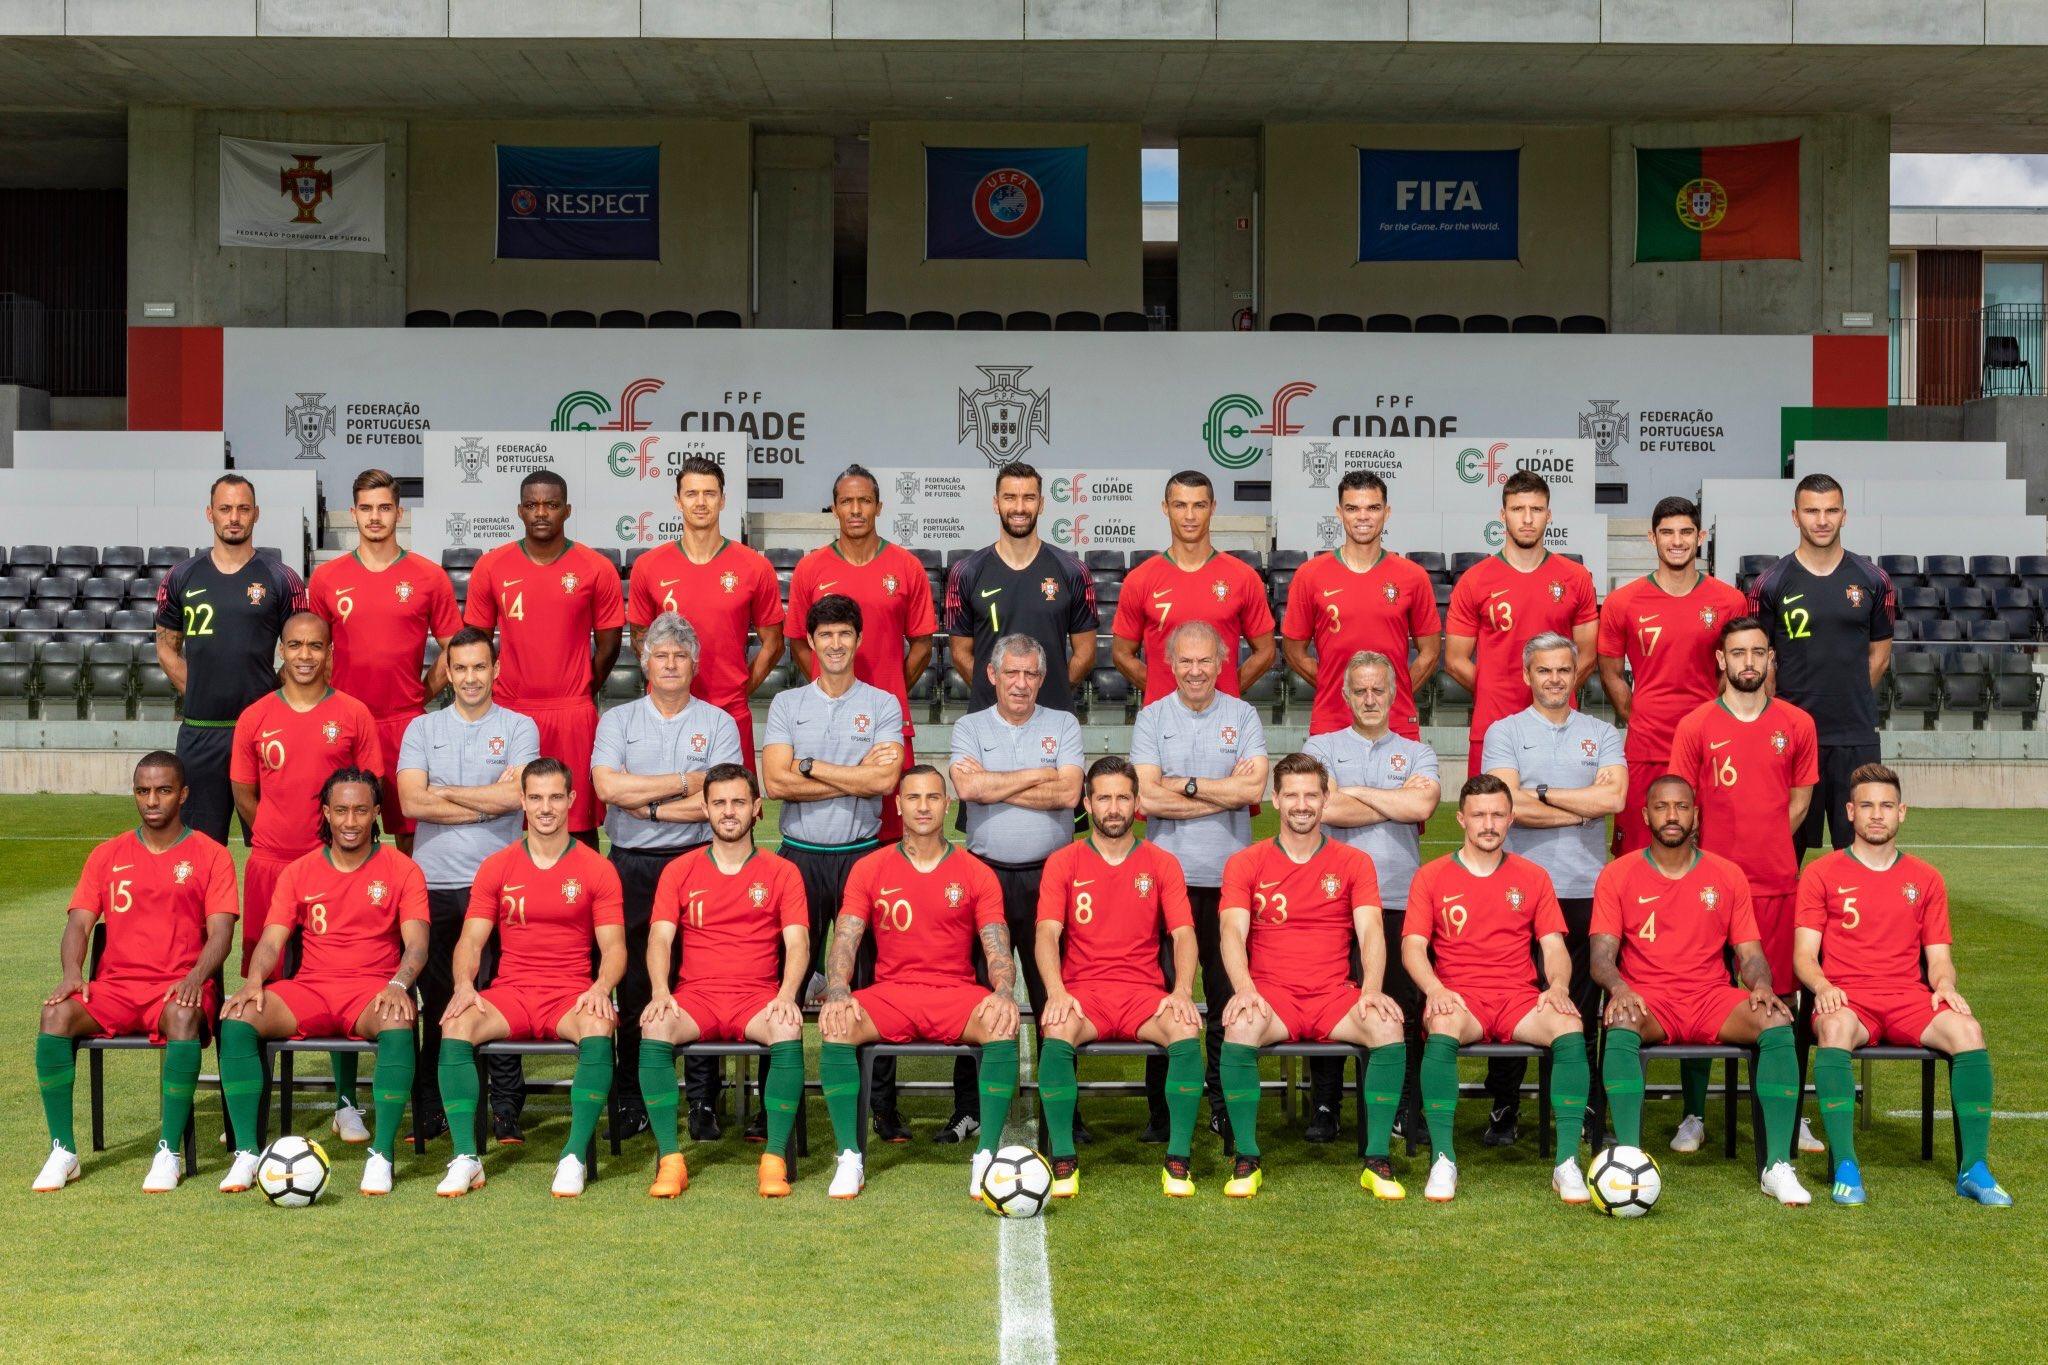 Hilo de la selección de Portugal Dfkndy10